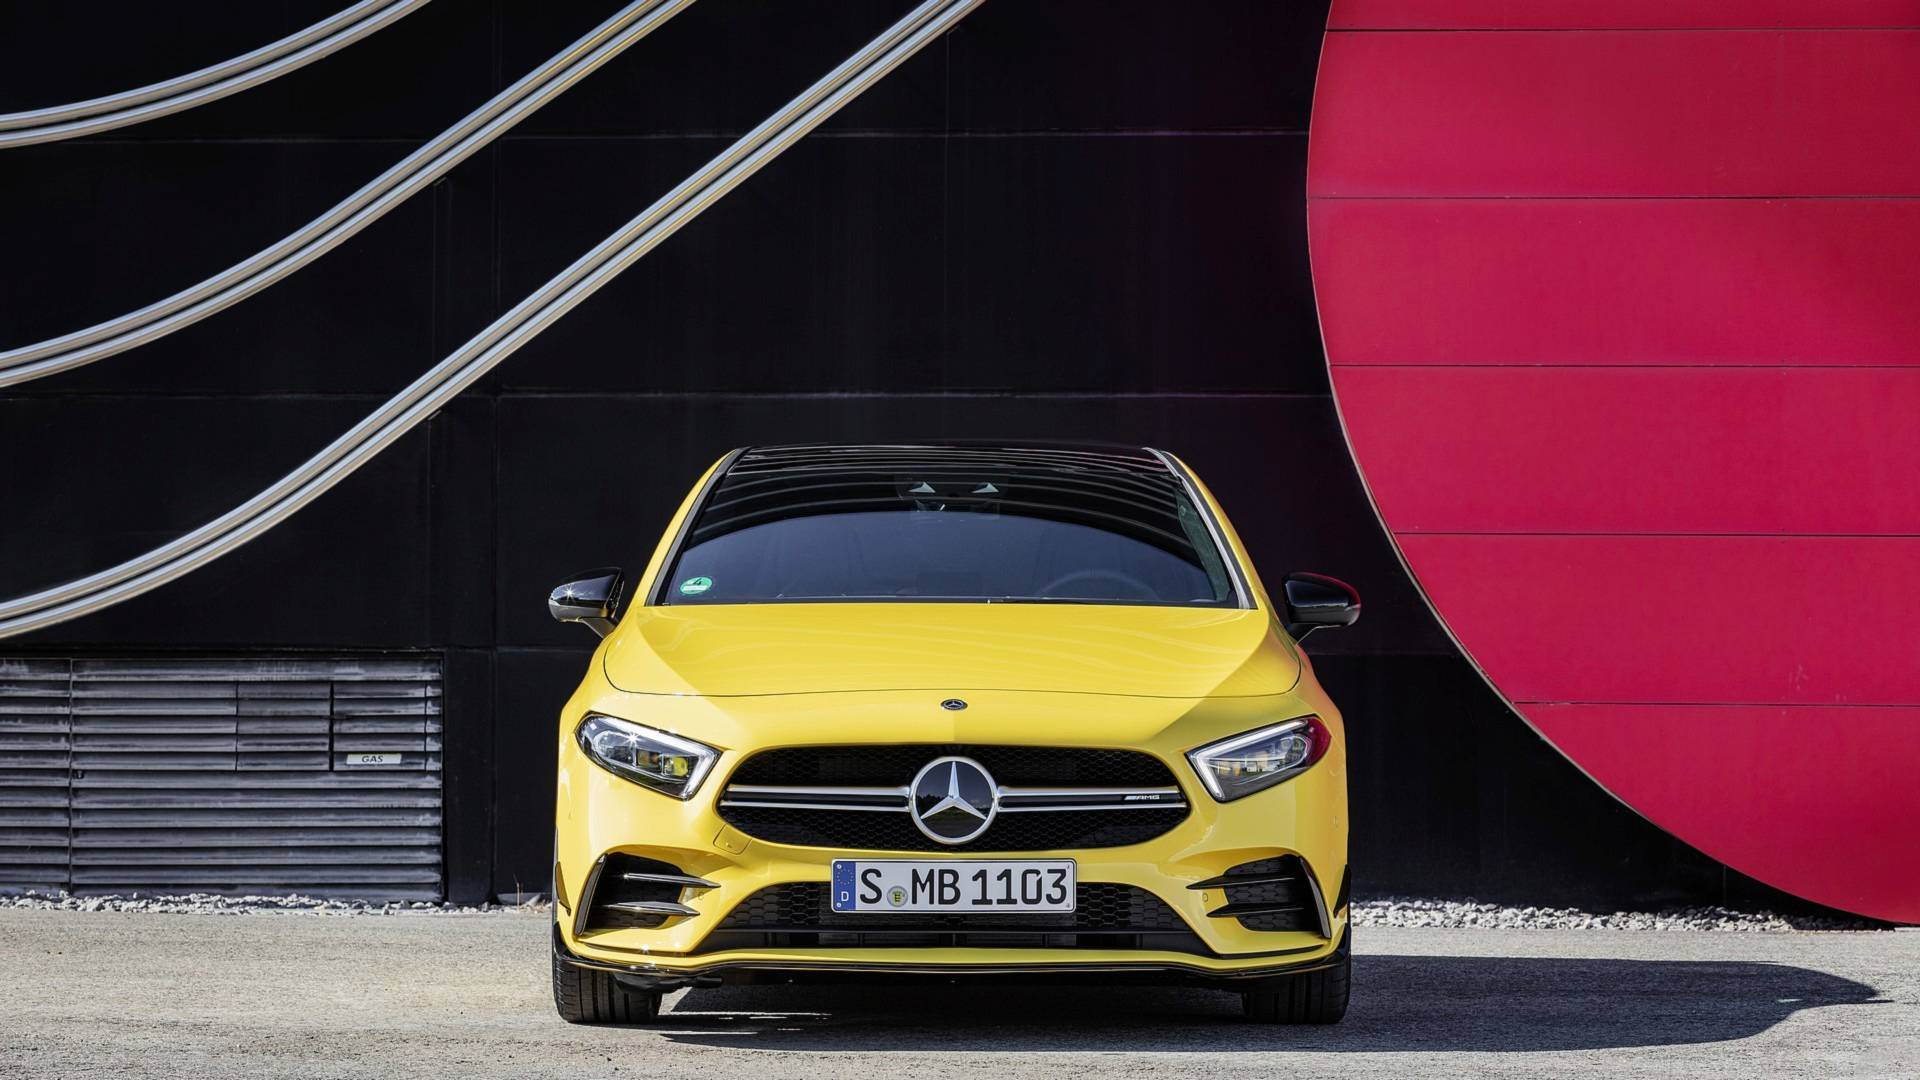 Conheça o hatch da Mercedes-AMG que tem 306 cv. Na Newsedan, um já foi vendido!